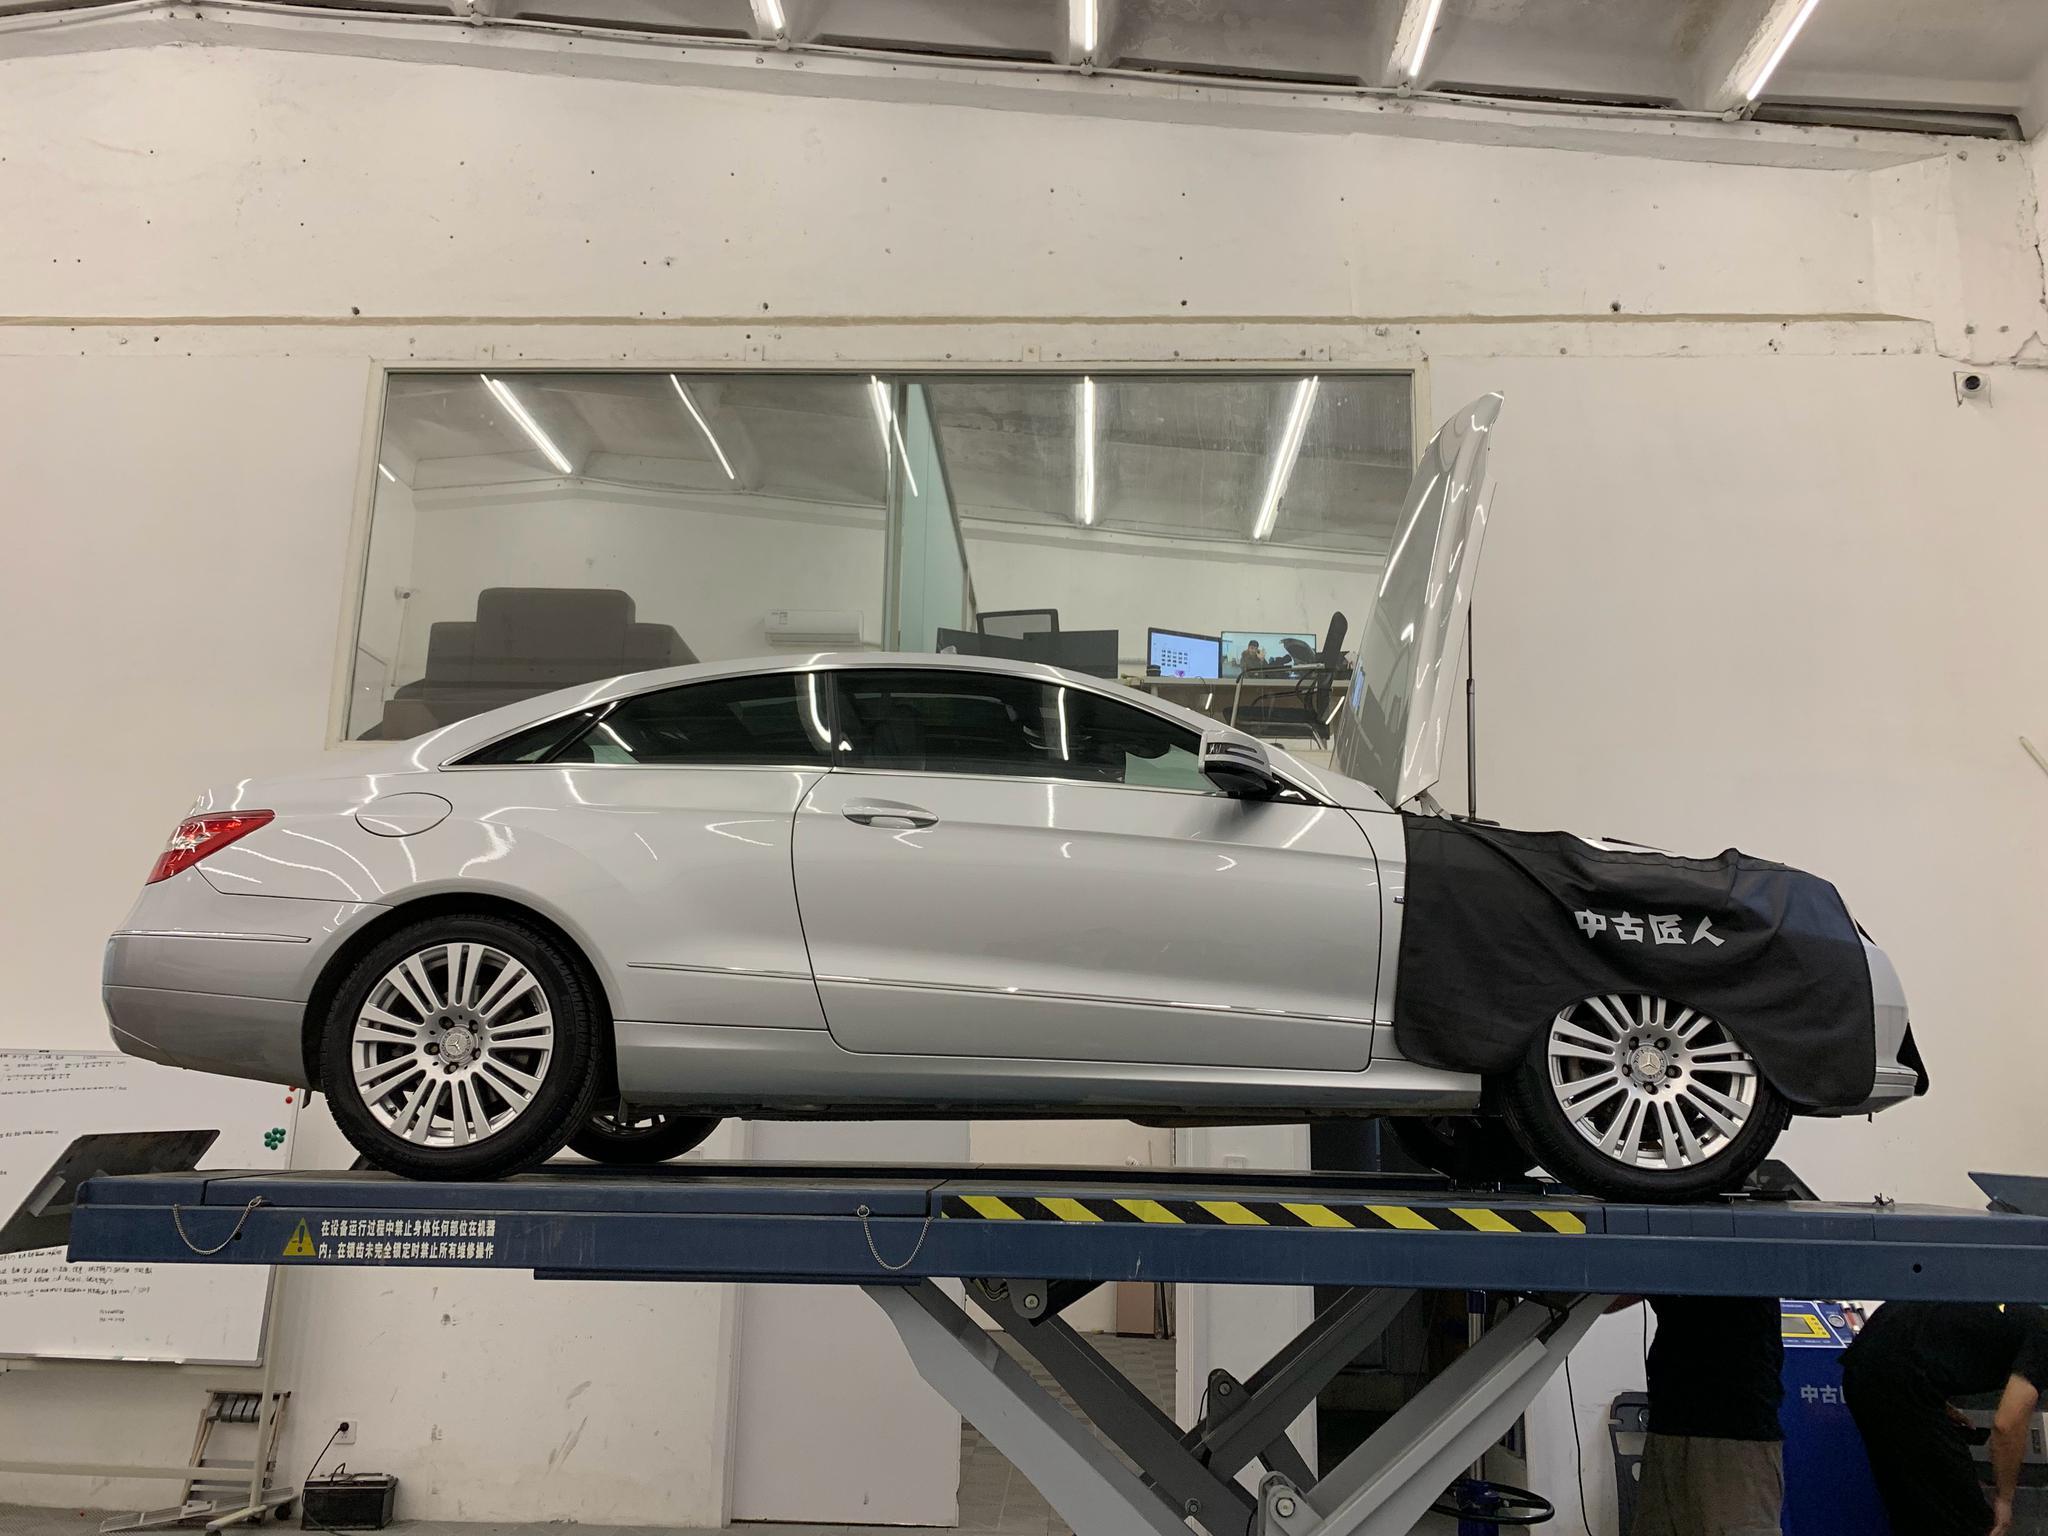 奔驰E260 coupe彻底整备,现在开始